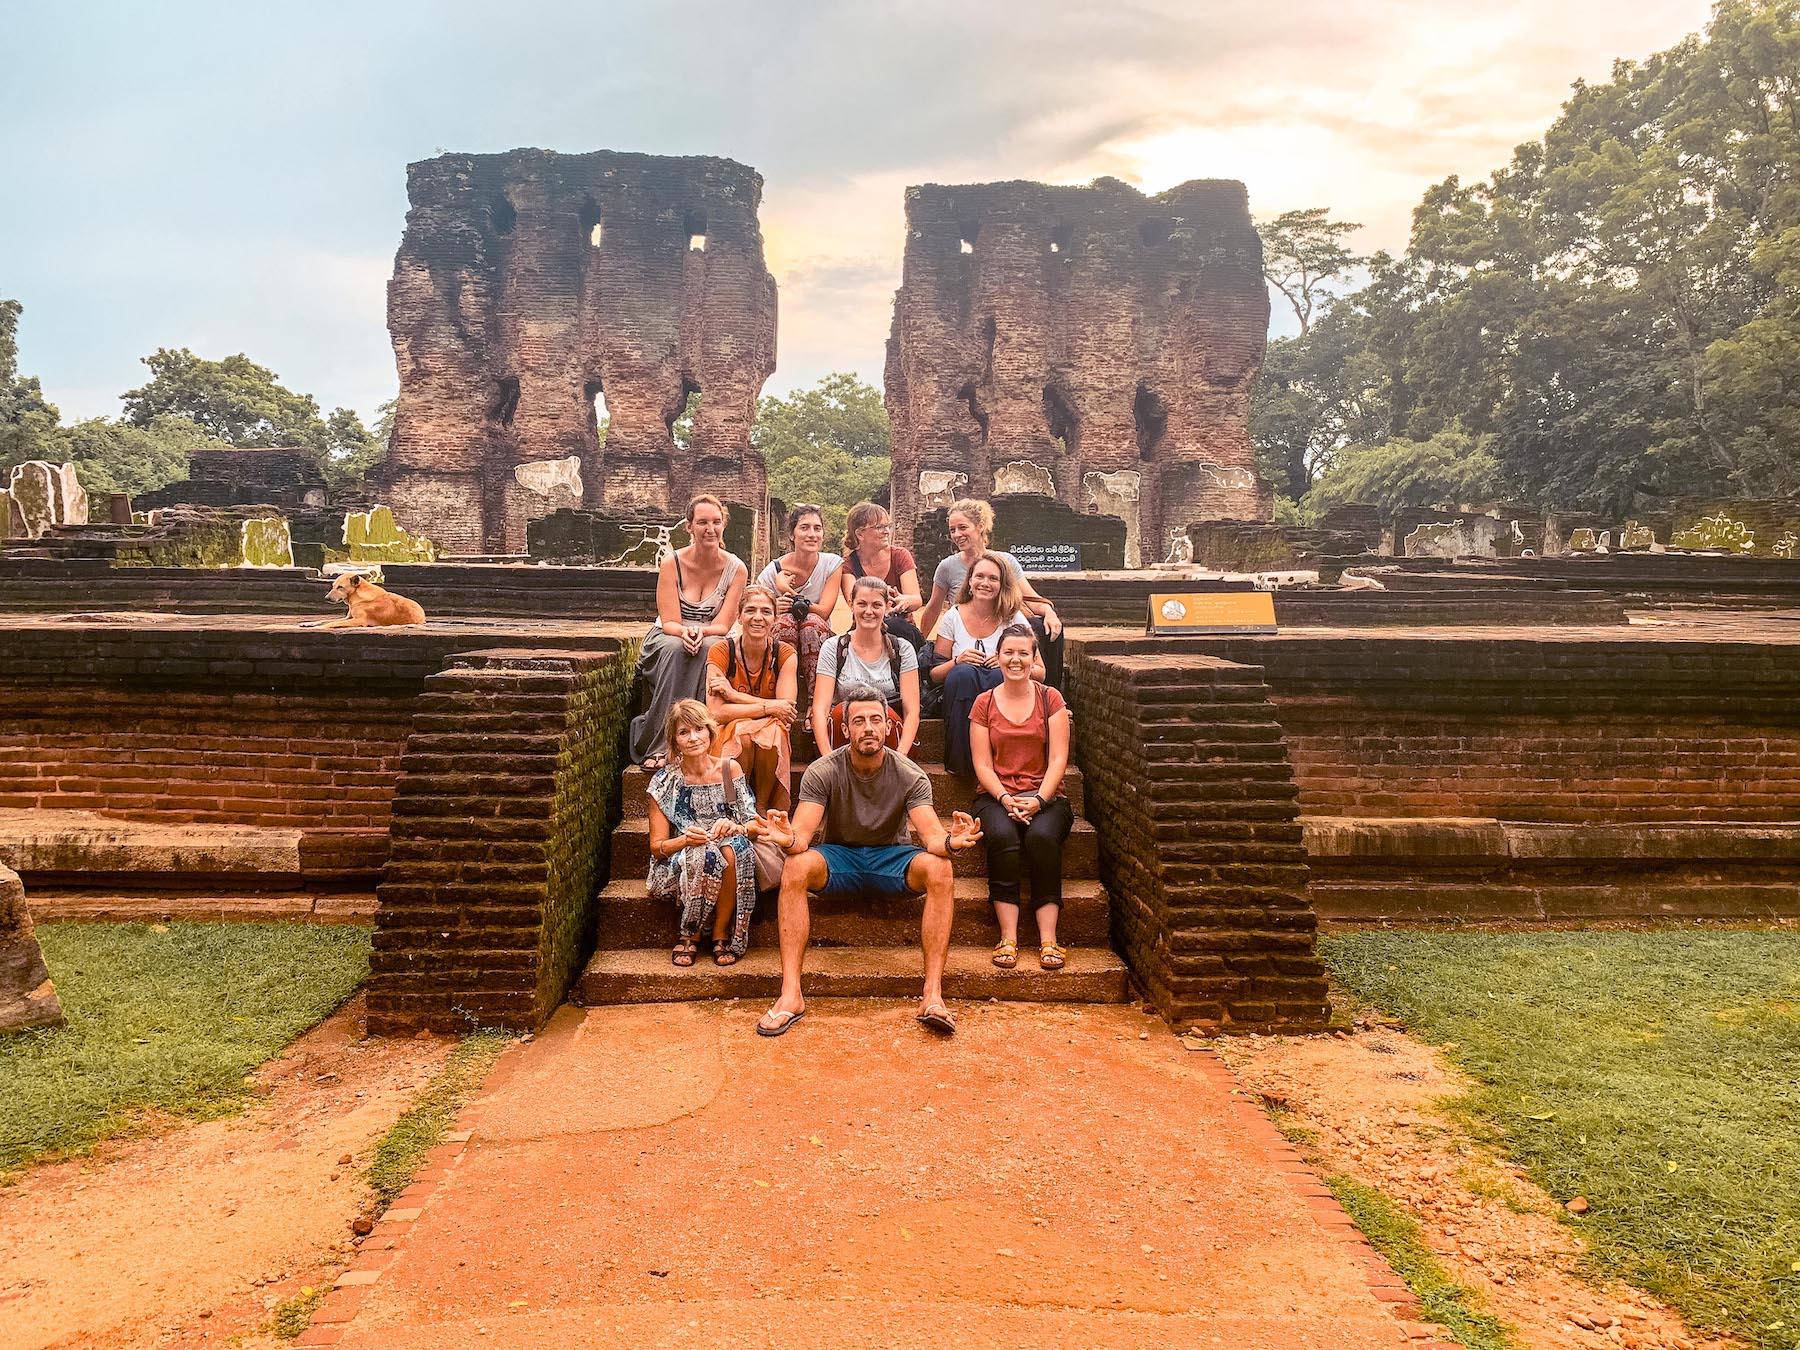 polonnaruwa au sri lanka